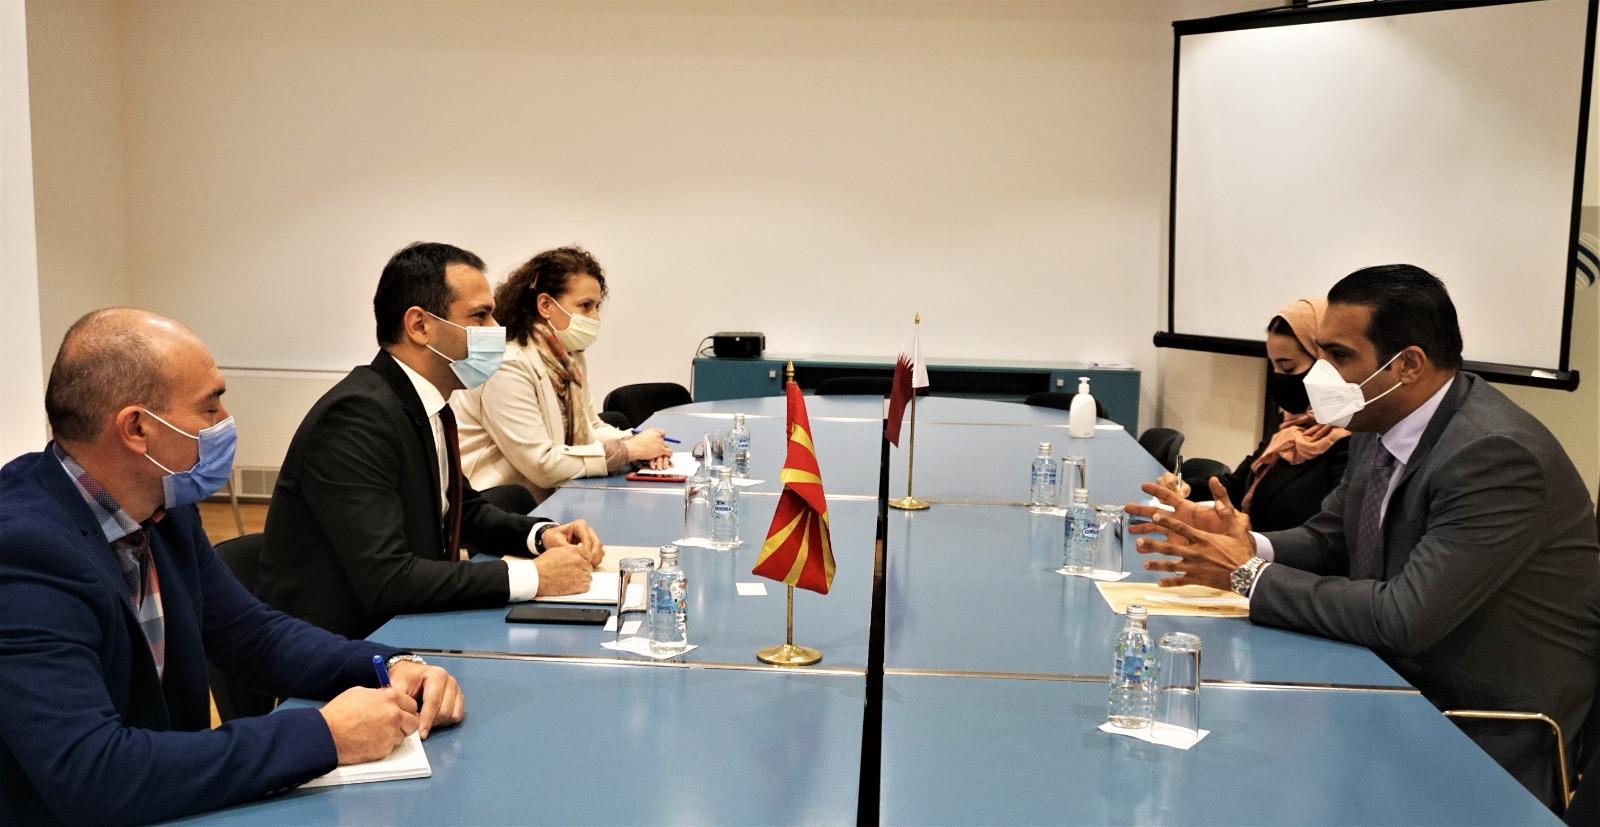 وزير النقل والاتصالات في جمهورية مقدونيا الشمالية يجتمع مع القائم بالإعمال القطري